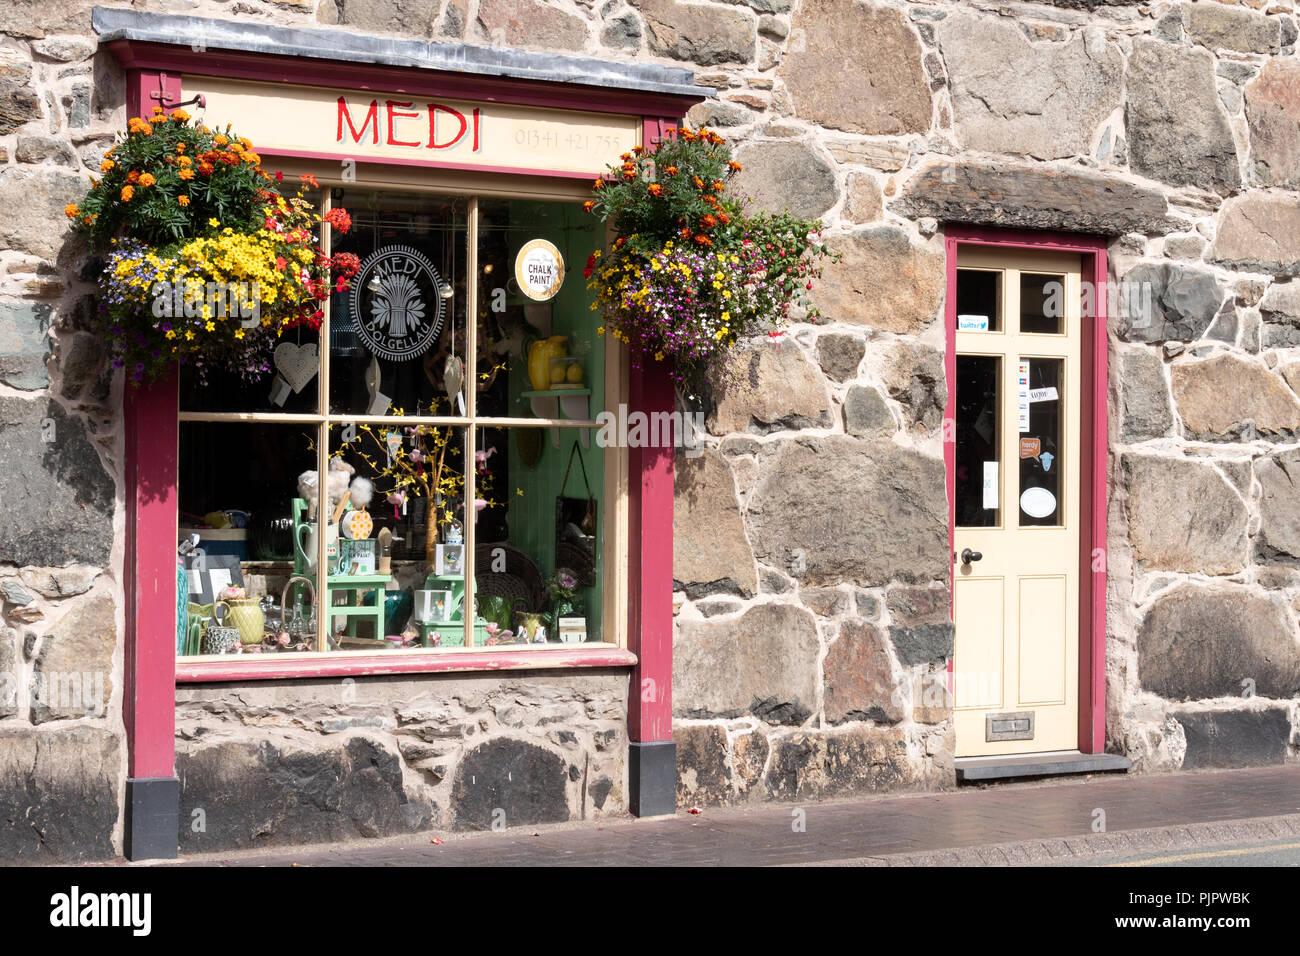 Tienda en Bridge Street en Dolgellau Gwynedd Wales Imagen De Stock